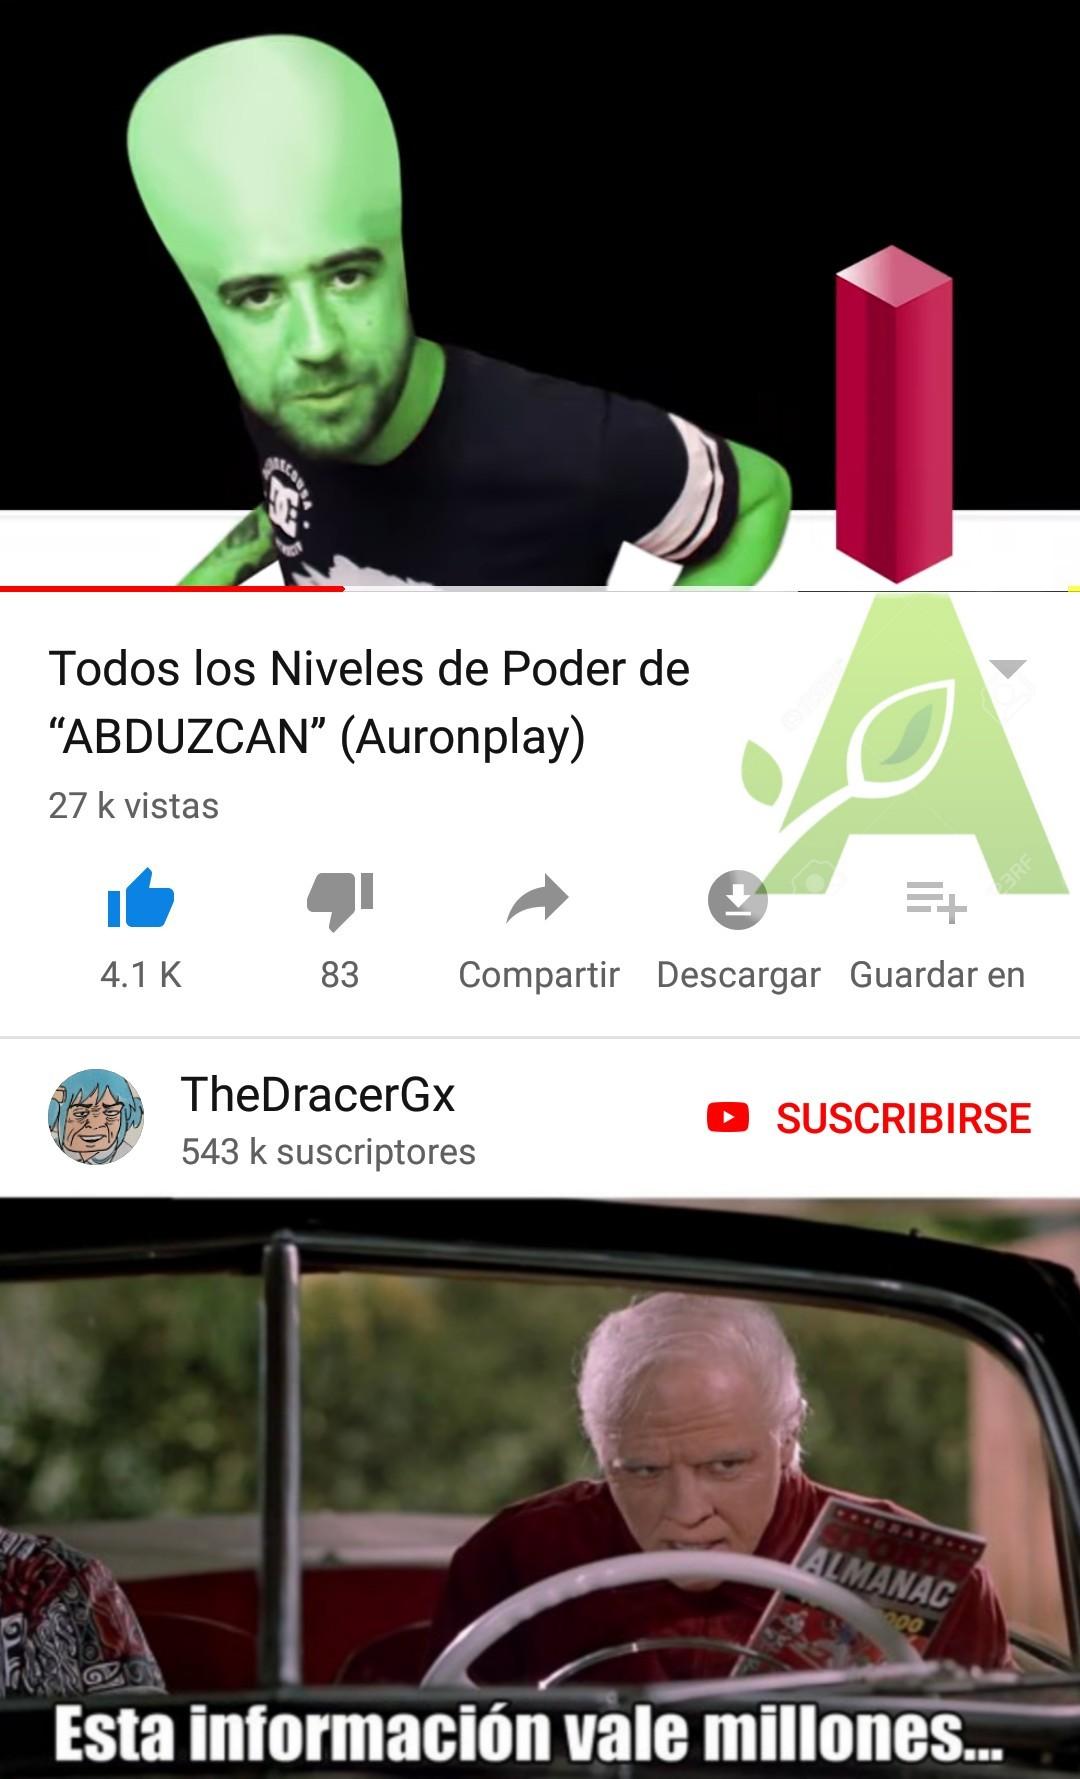 Calentito el meme